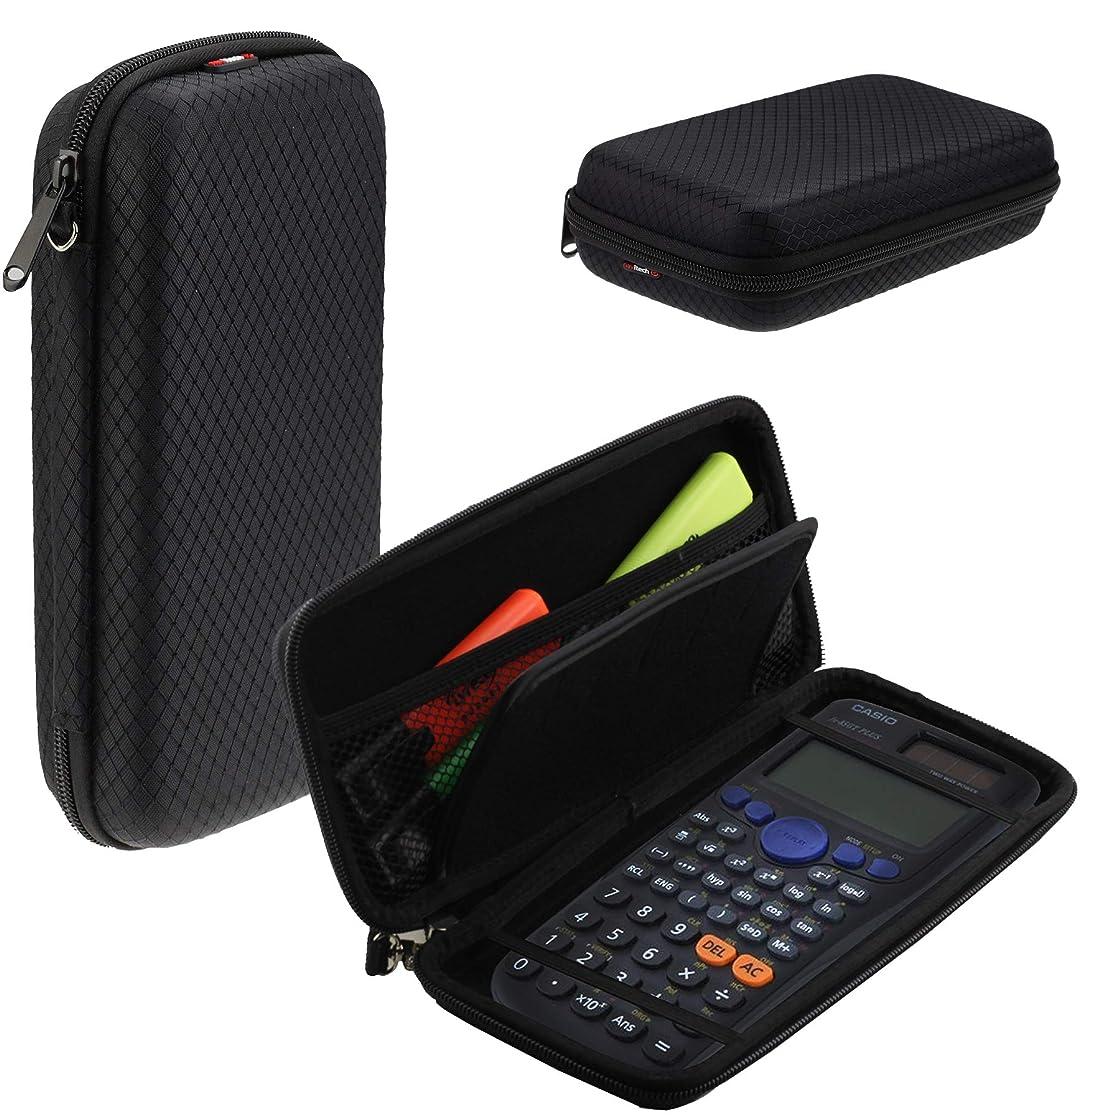 しおれたに沿って発掘するNavitech ブラック グラフィック 電卓 ハードケース/カバー 収納ポーチ付き Texas Instruments TI 36 X PRO 対応